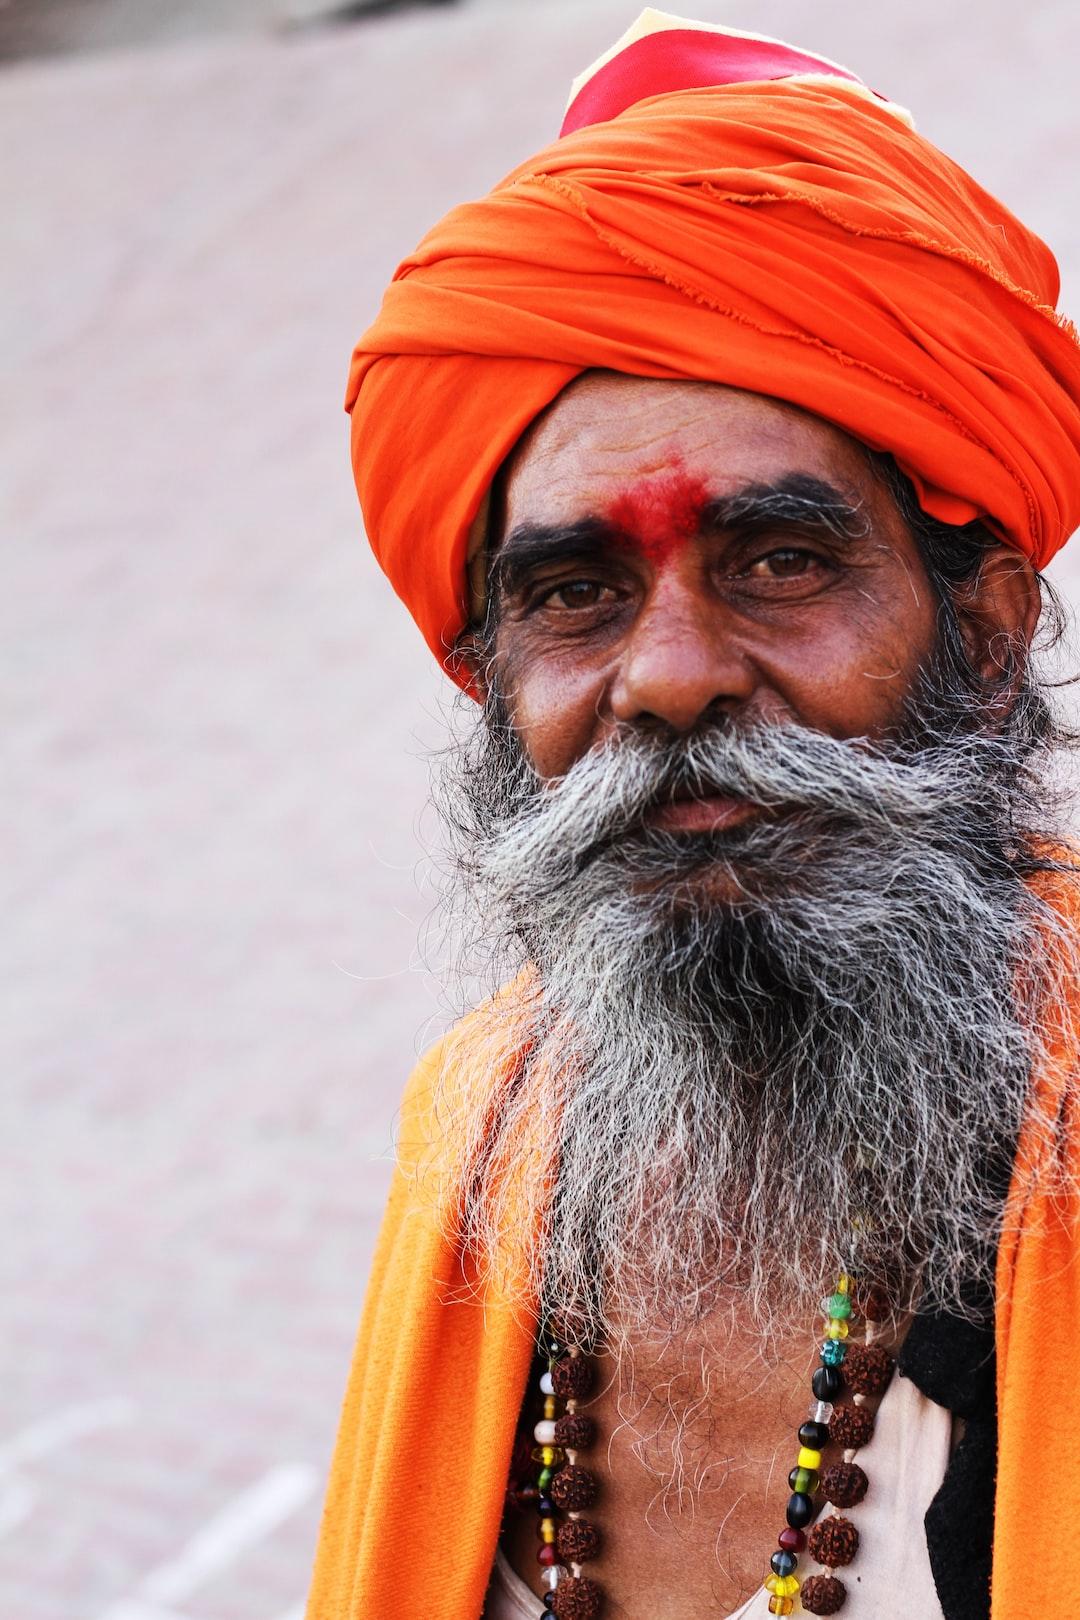 Met this yogi in Varanasi